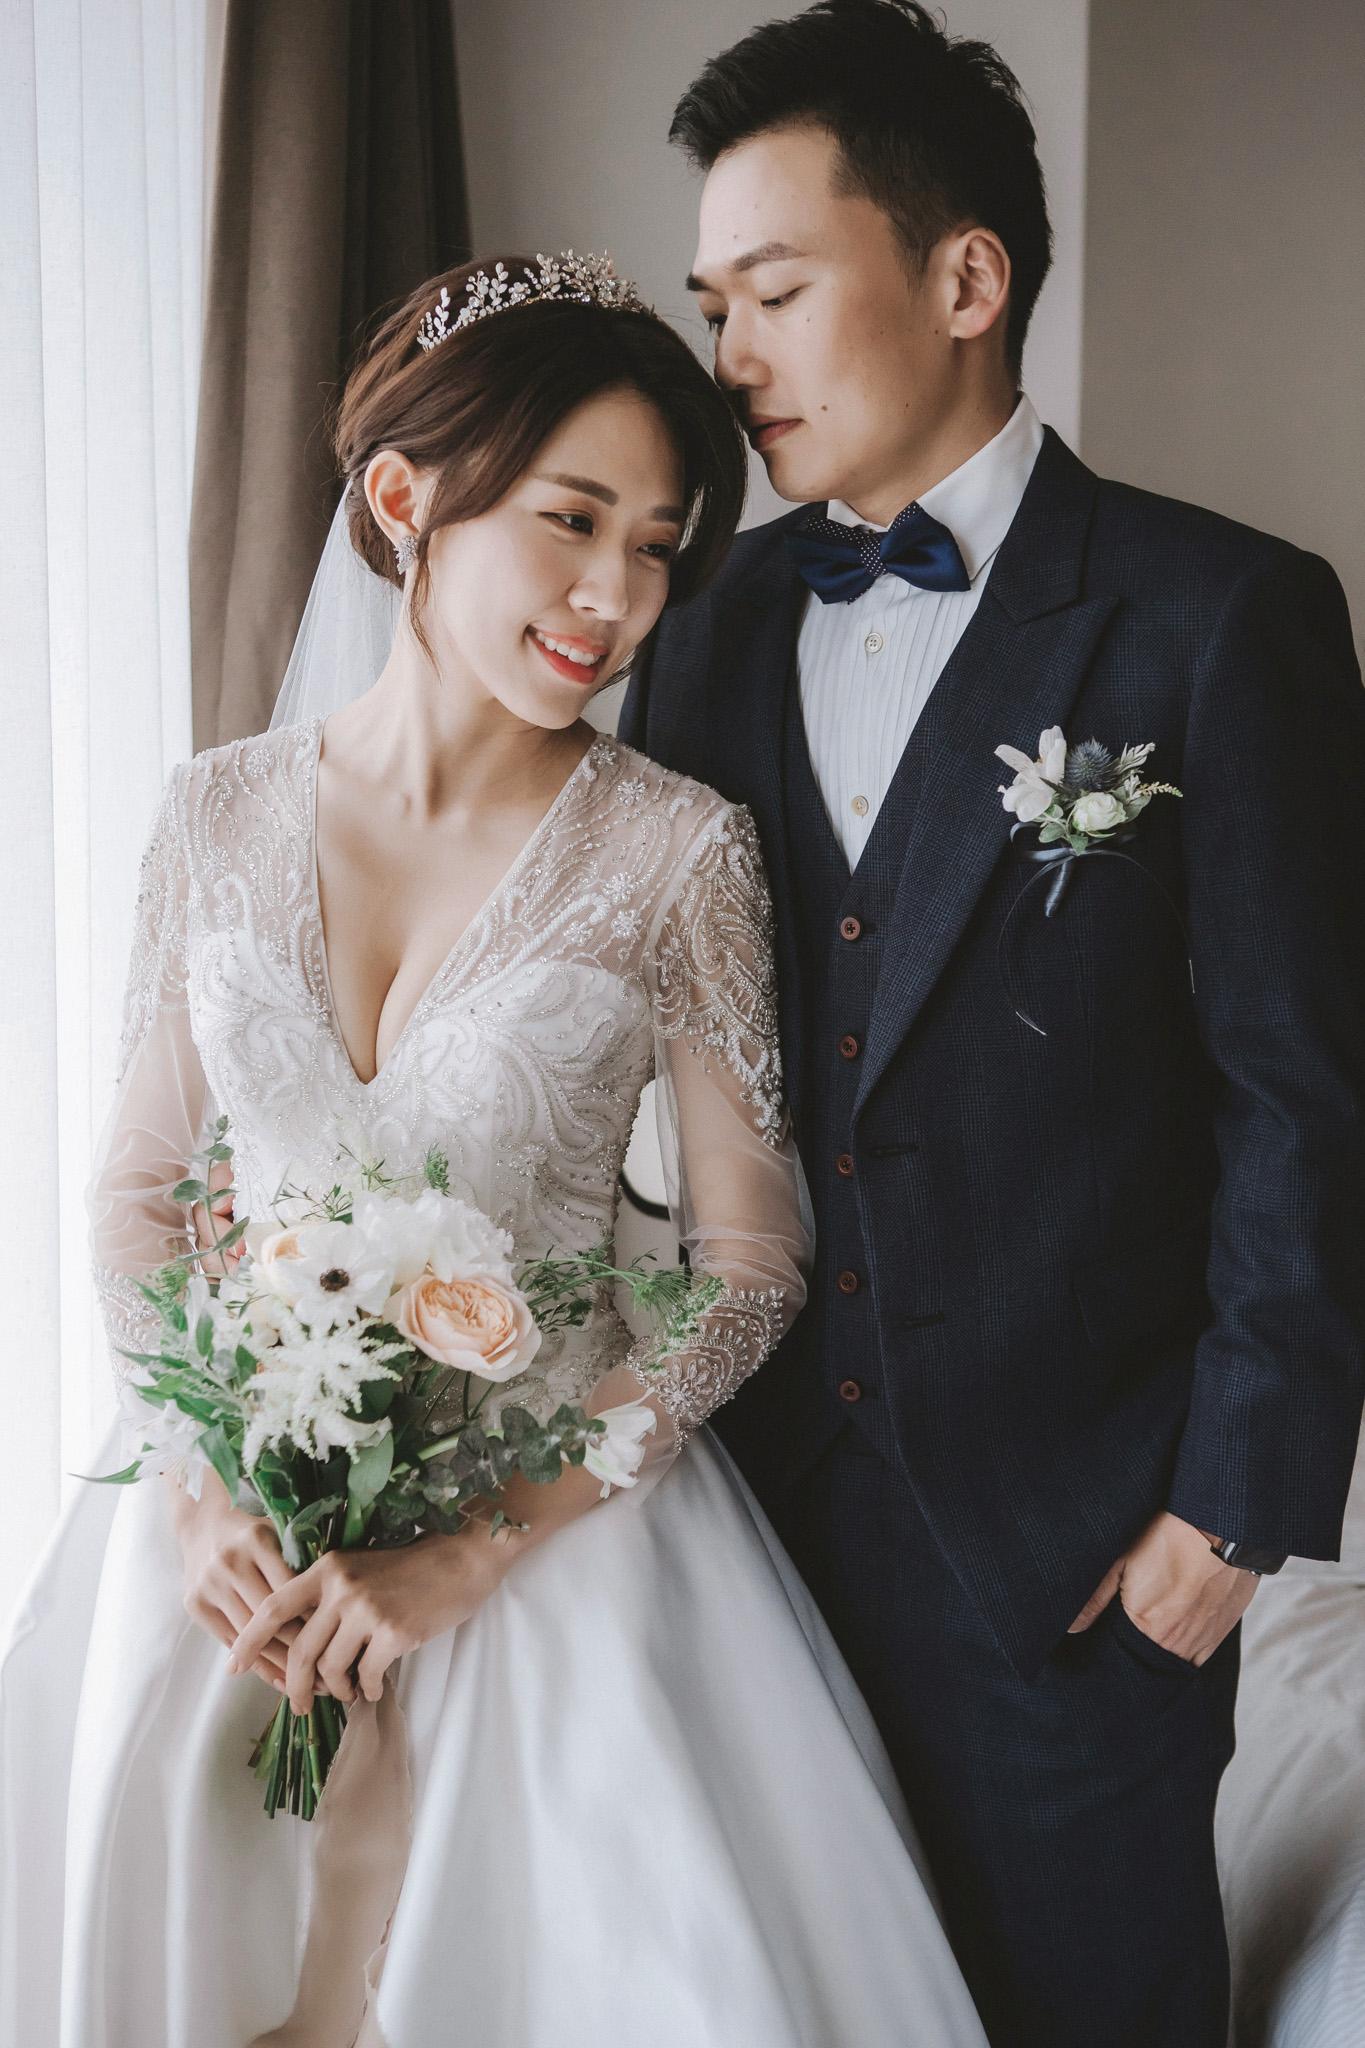 EW 居米 台北婚宴 台北婚紗 台北婚攝 凱達飯店 台北婚禮 -9